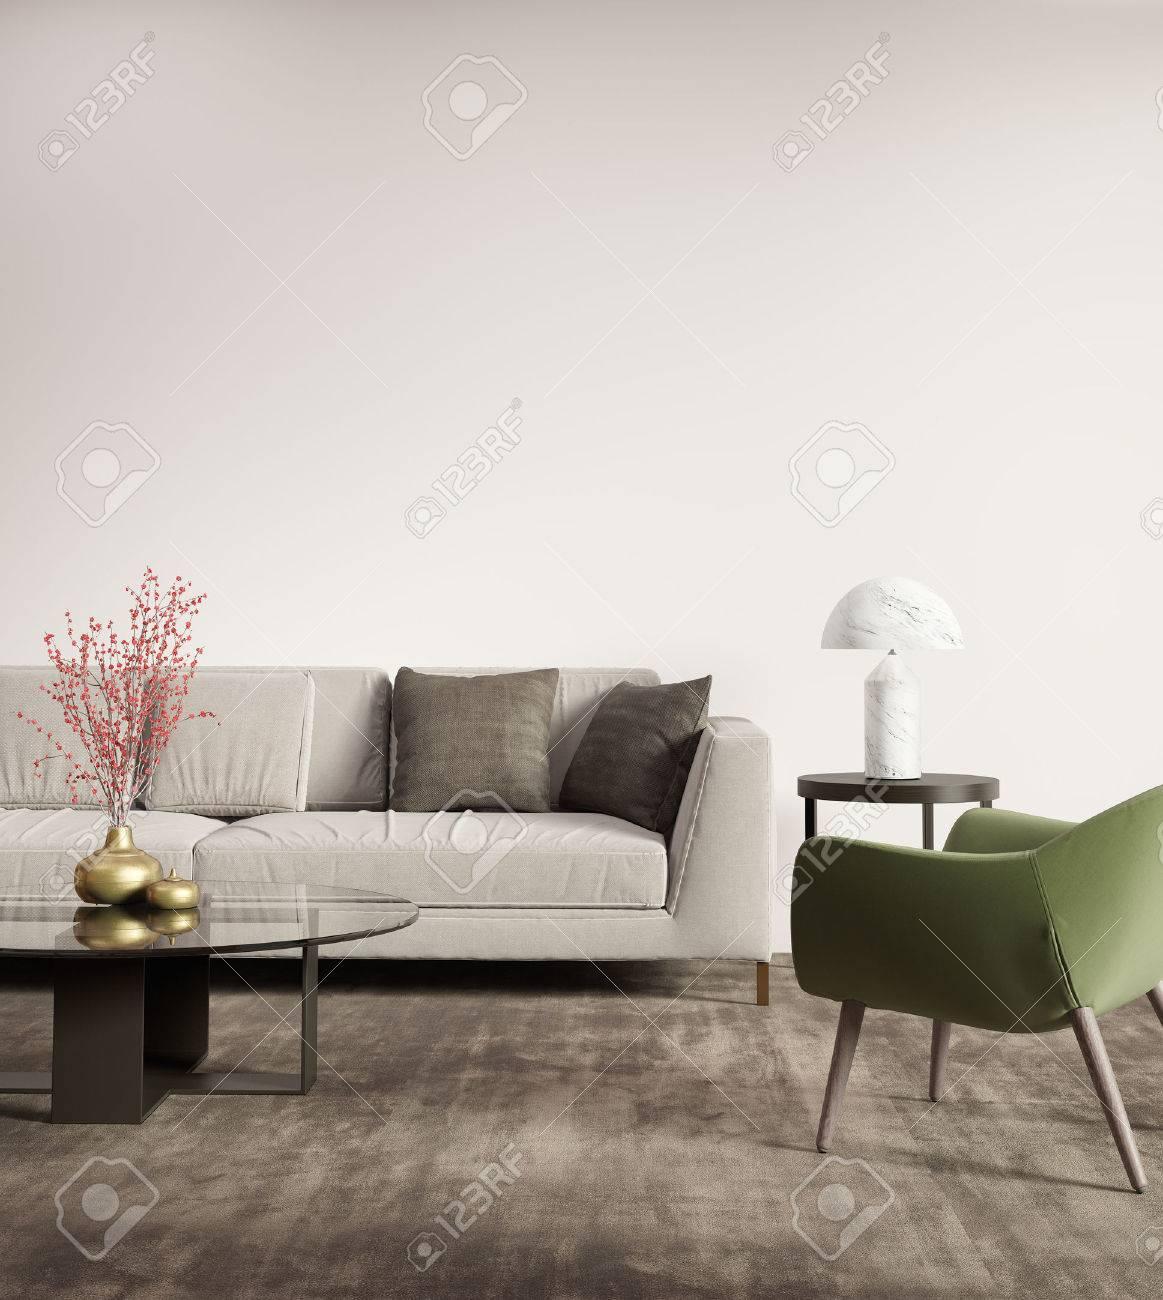 Full Size of Graues Sofa Brauner Teppich Graue Couch Welcher Welche Wandfarbe Kleines Ikea Erpo Antikes Goodlife Großes Rattan Garten Zweisitzer Sofort Lieferbar Altes Sofa Graues Sofa